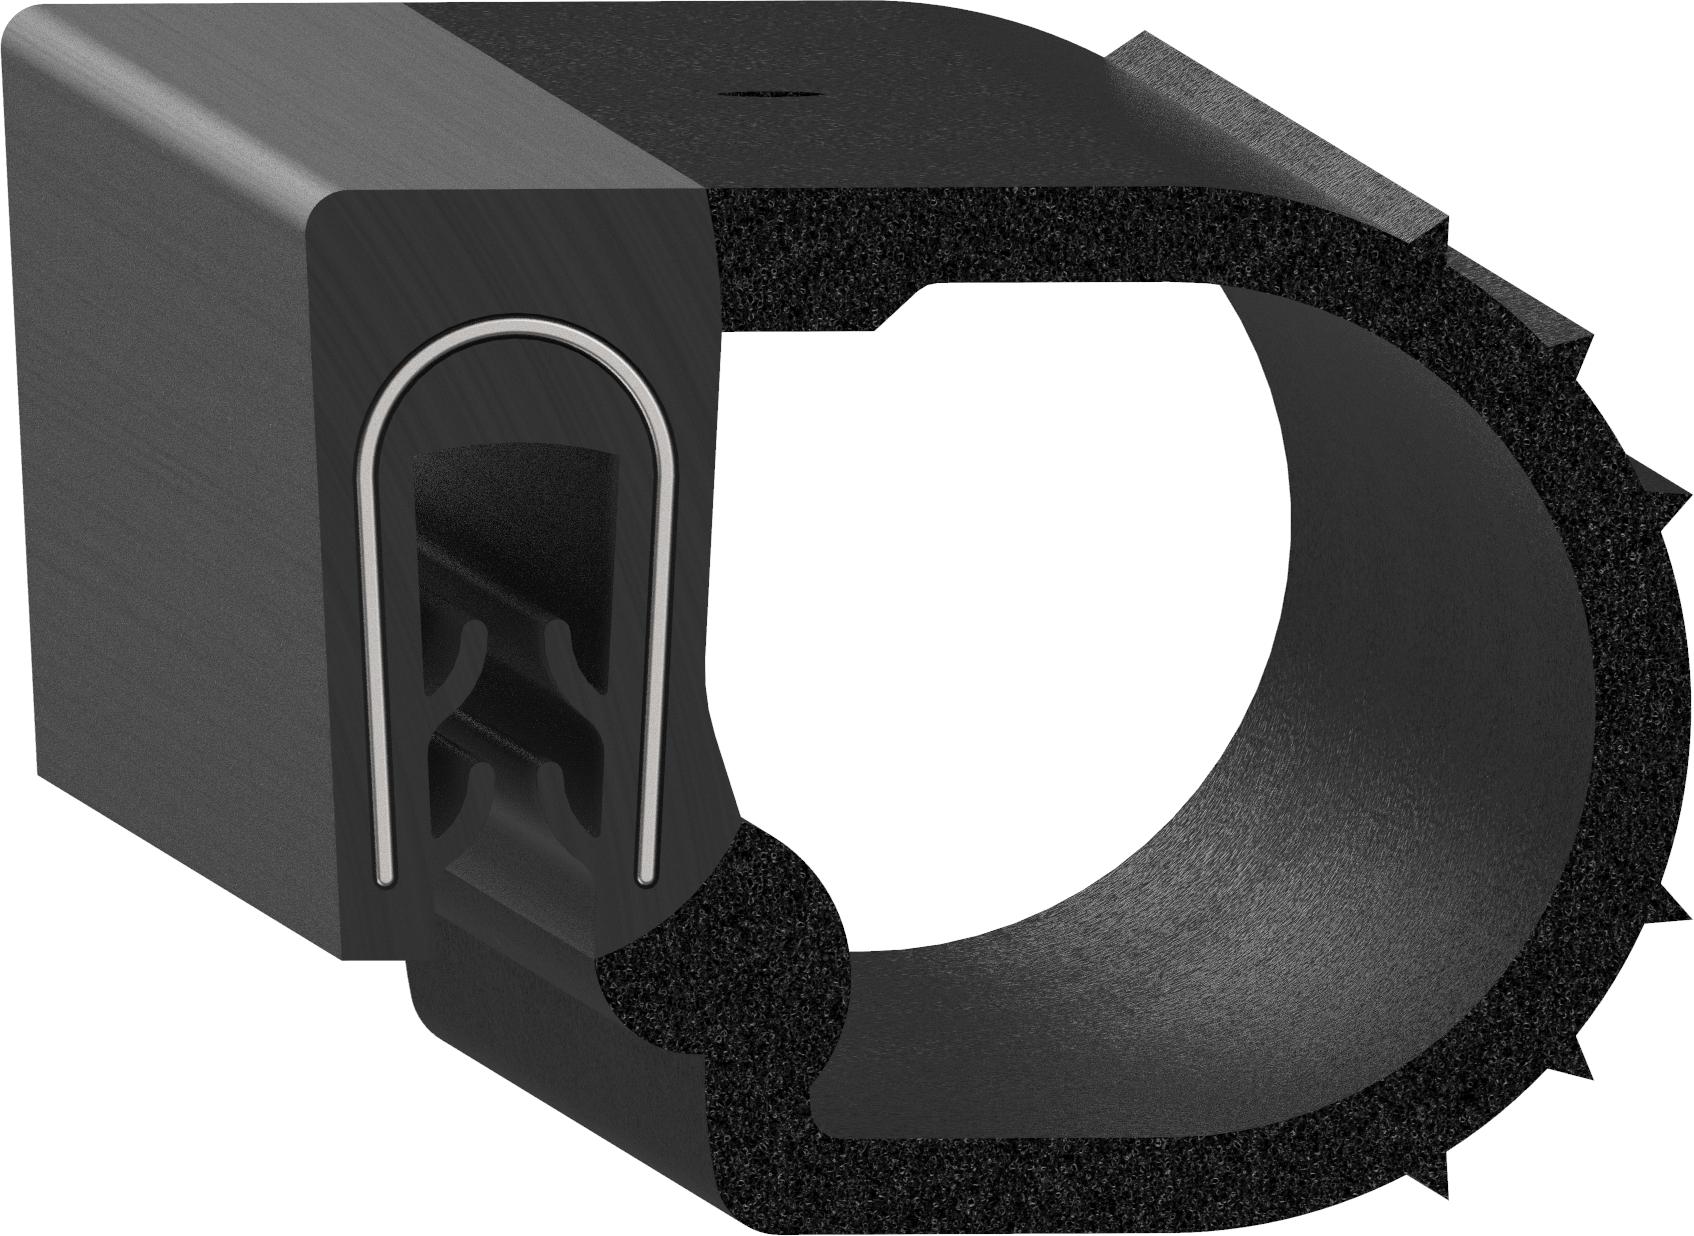 Uni-Grip part: SD-12651